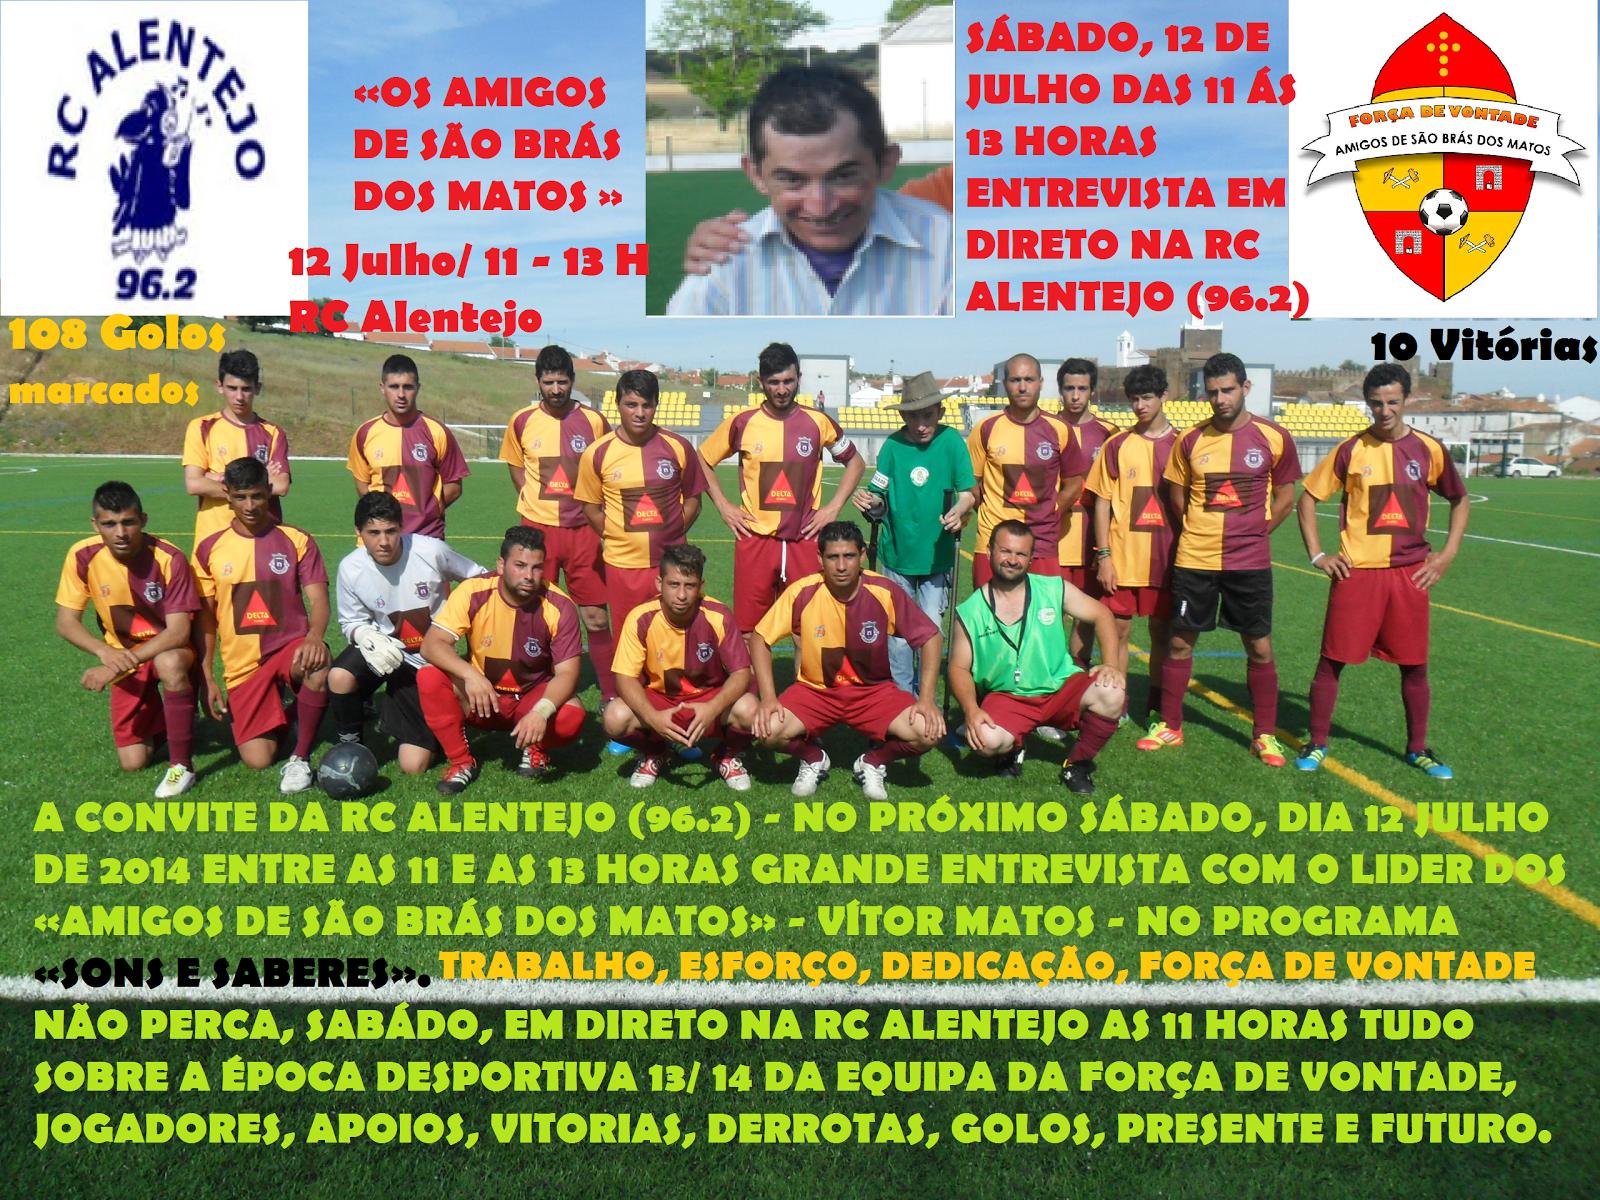 Amigos de São Brás dos Matos com entrevista em direto na RC Alentejo (96.2) - Sábado, 12 julho